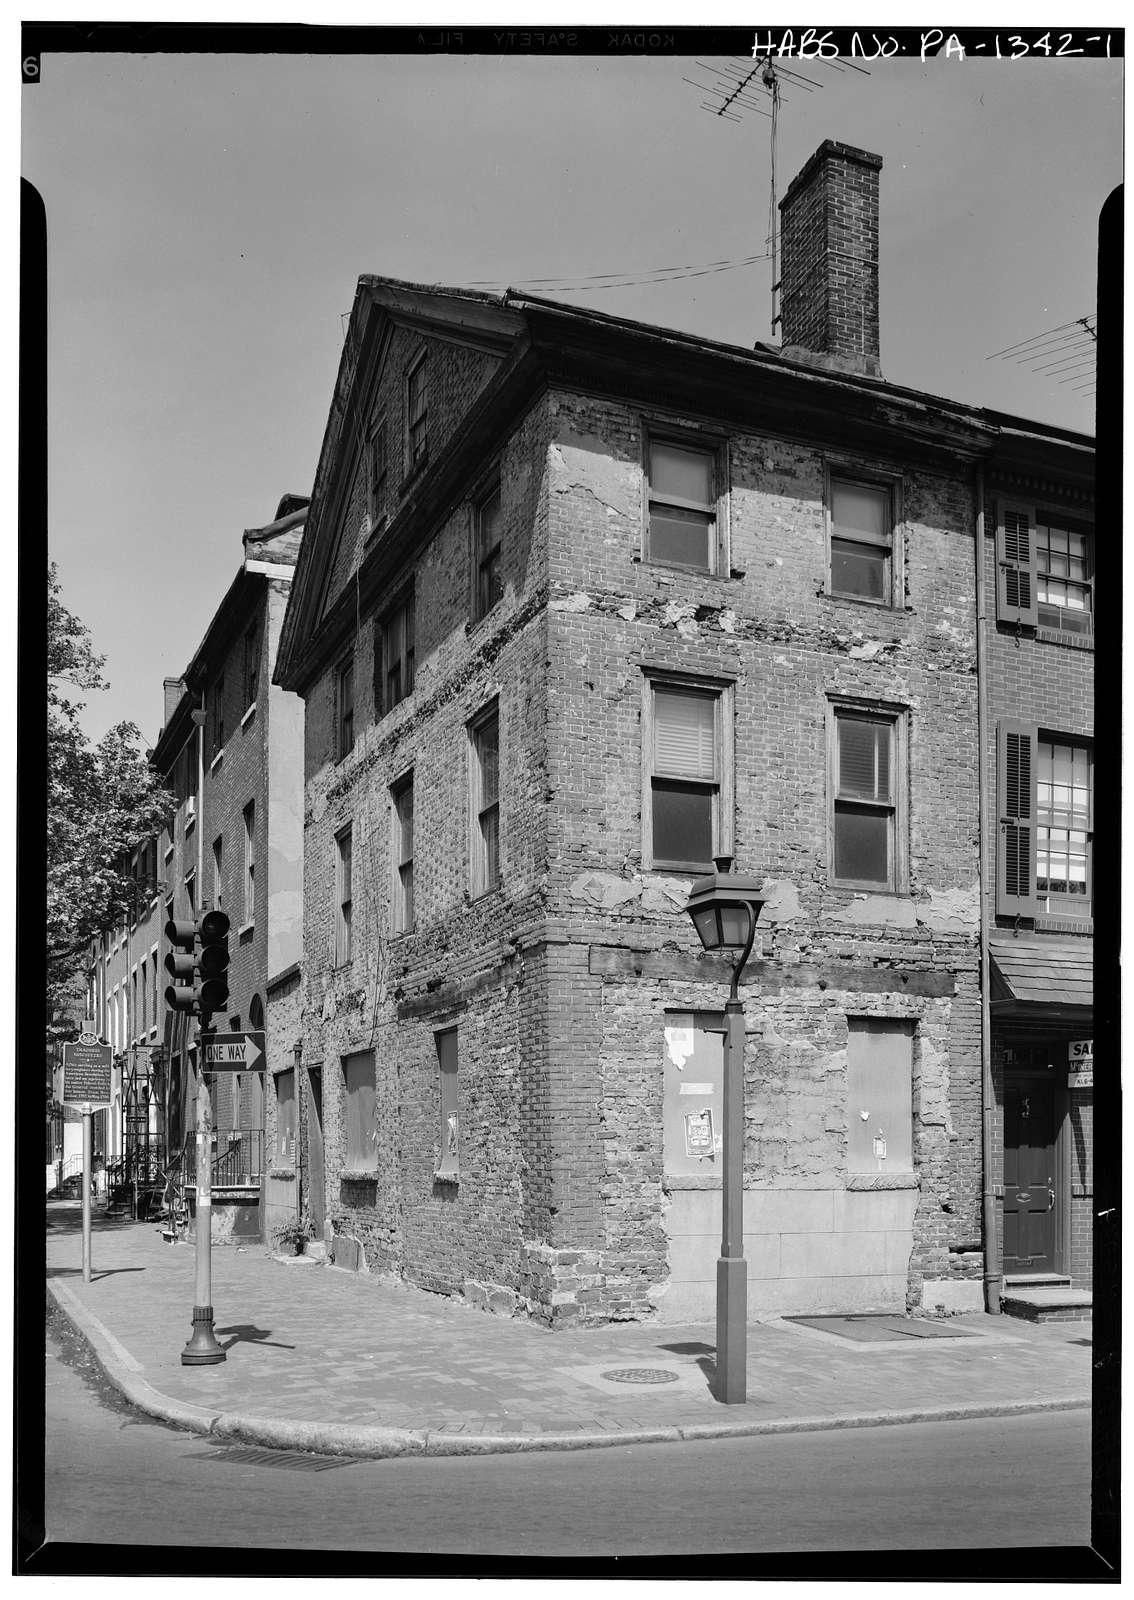 Thaddeus Kosciuszko House, 301 Pine Street, Philadelphia, Philadelphia County, PA